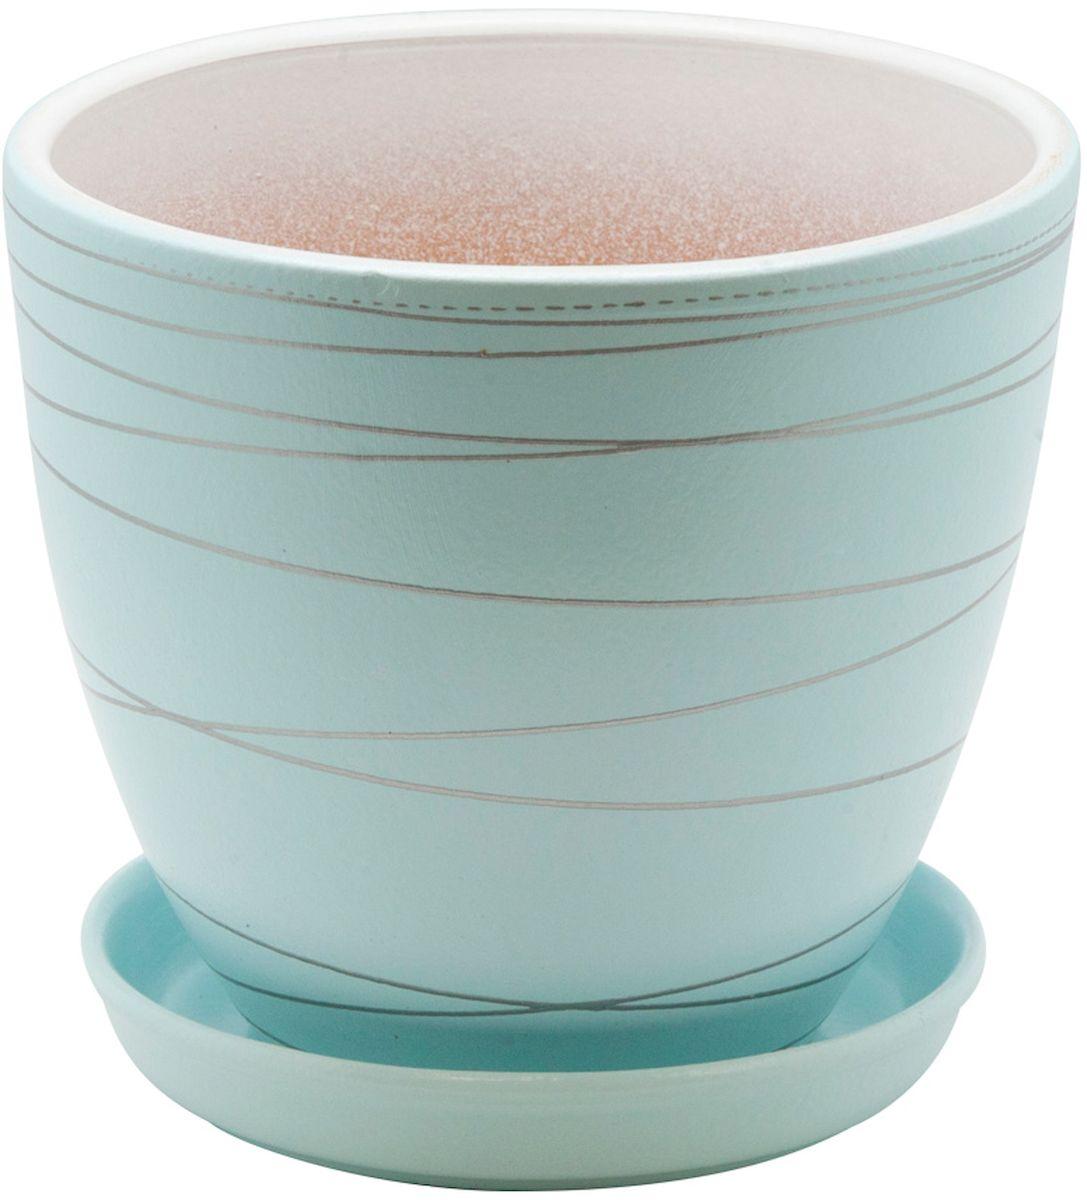 """Керамический горшок """"Engard"""" - это идеальное решение для выращивания комнатных растений и создания изысканности в интерьере. Керамический горшок сделан из высококачественной глины в классической форме и оригинальном дизайне.Объем: 1,05 л."""